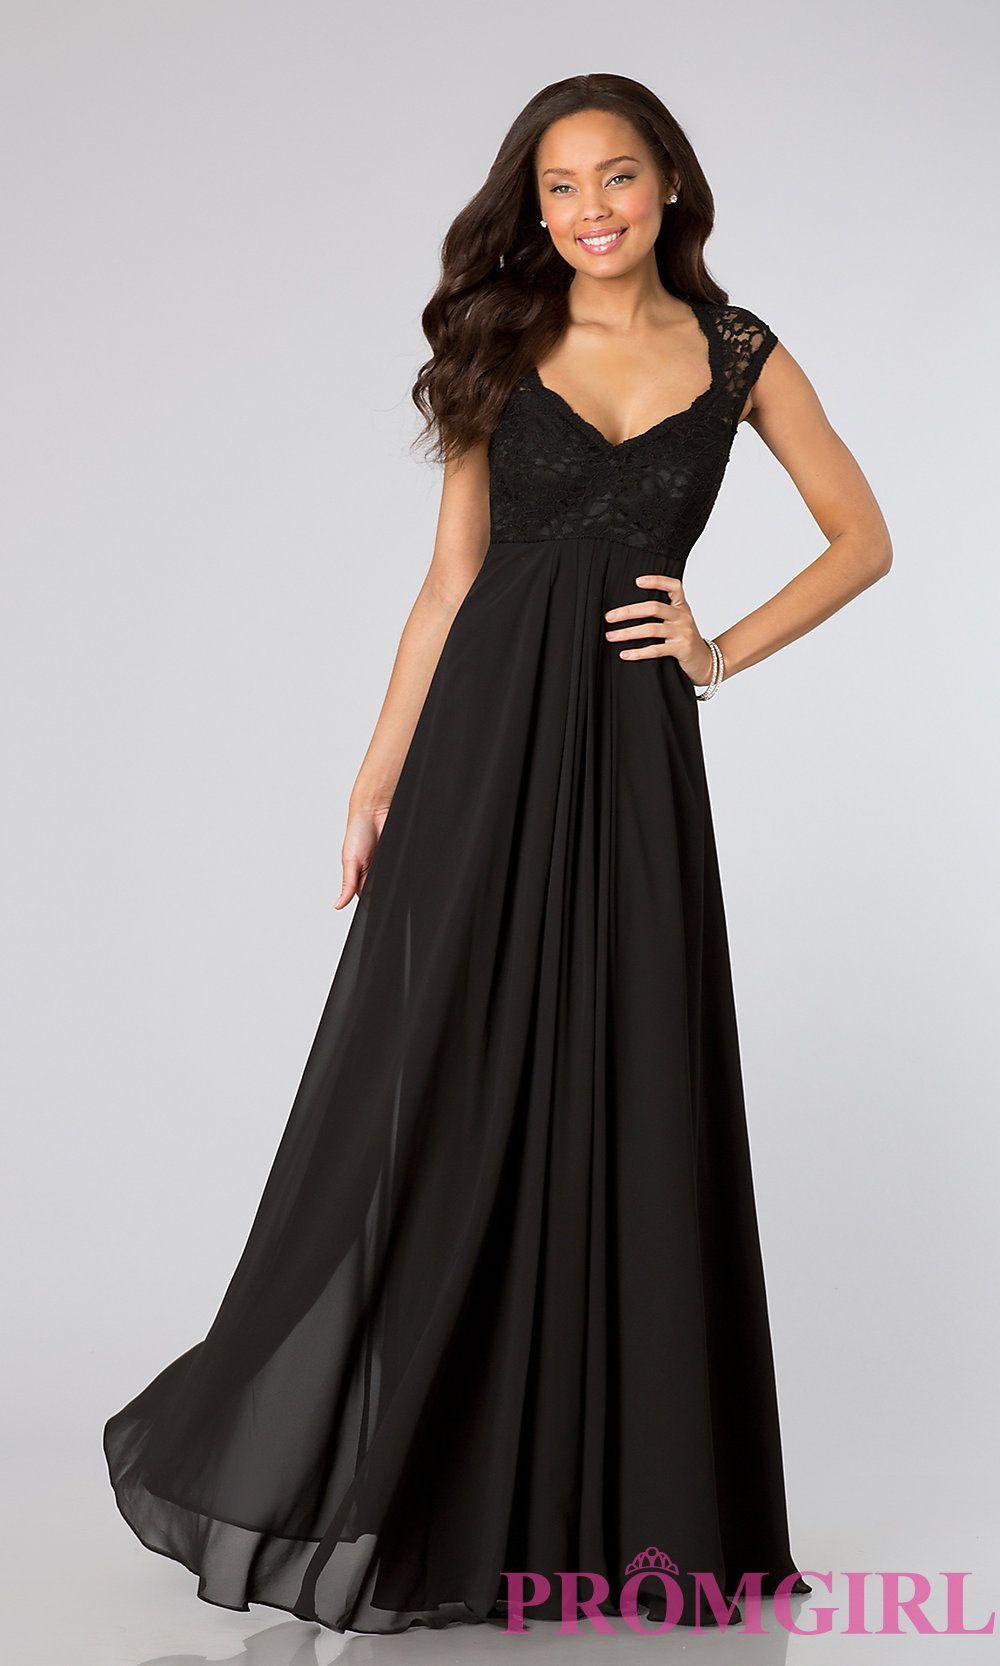 Mori lee black prom dress long black lace prom dresses promgirl mori lee black prom dress long black lace prom dresses promgirl ombrellifo Gallery